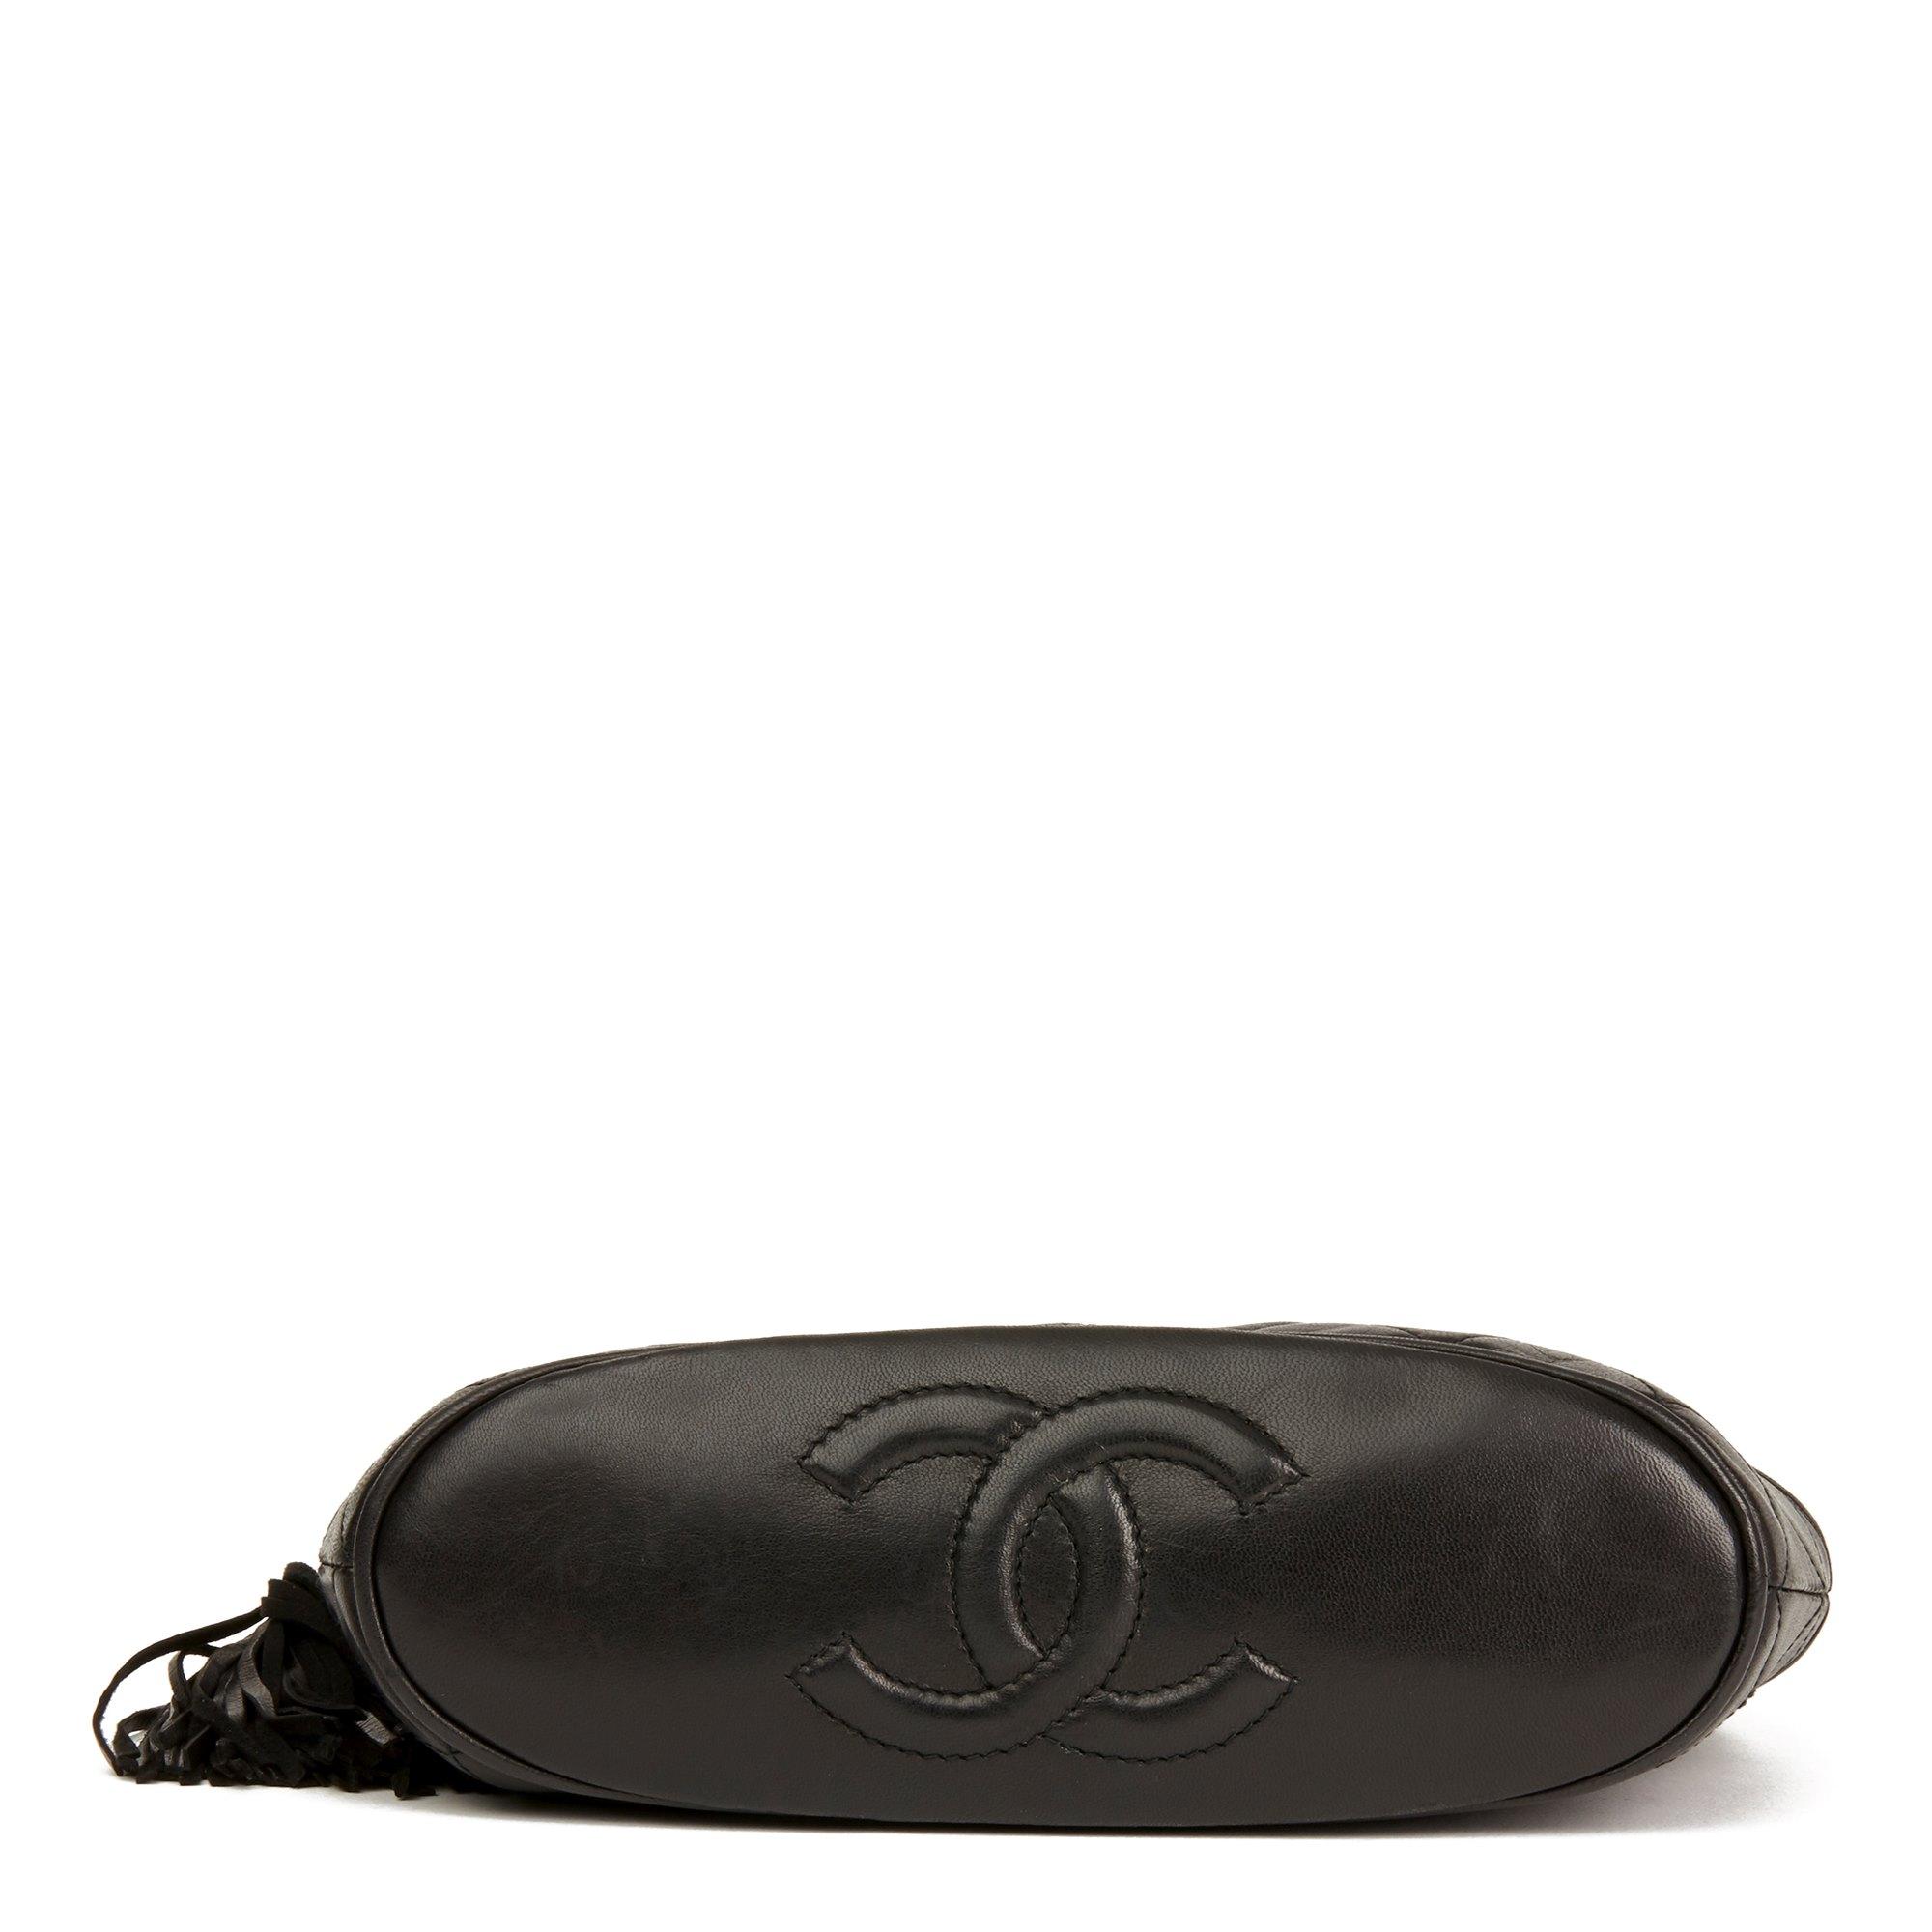 Chanel Black Quilted Lambskin Vintage Timeless Fringe Bucket Bag